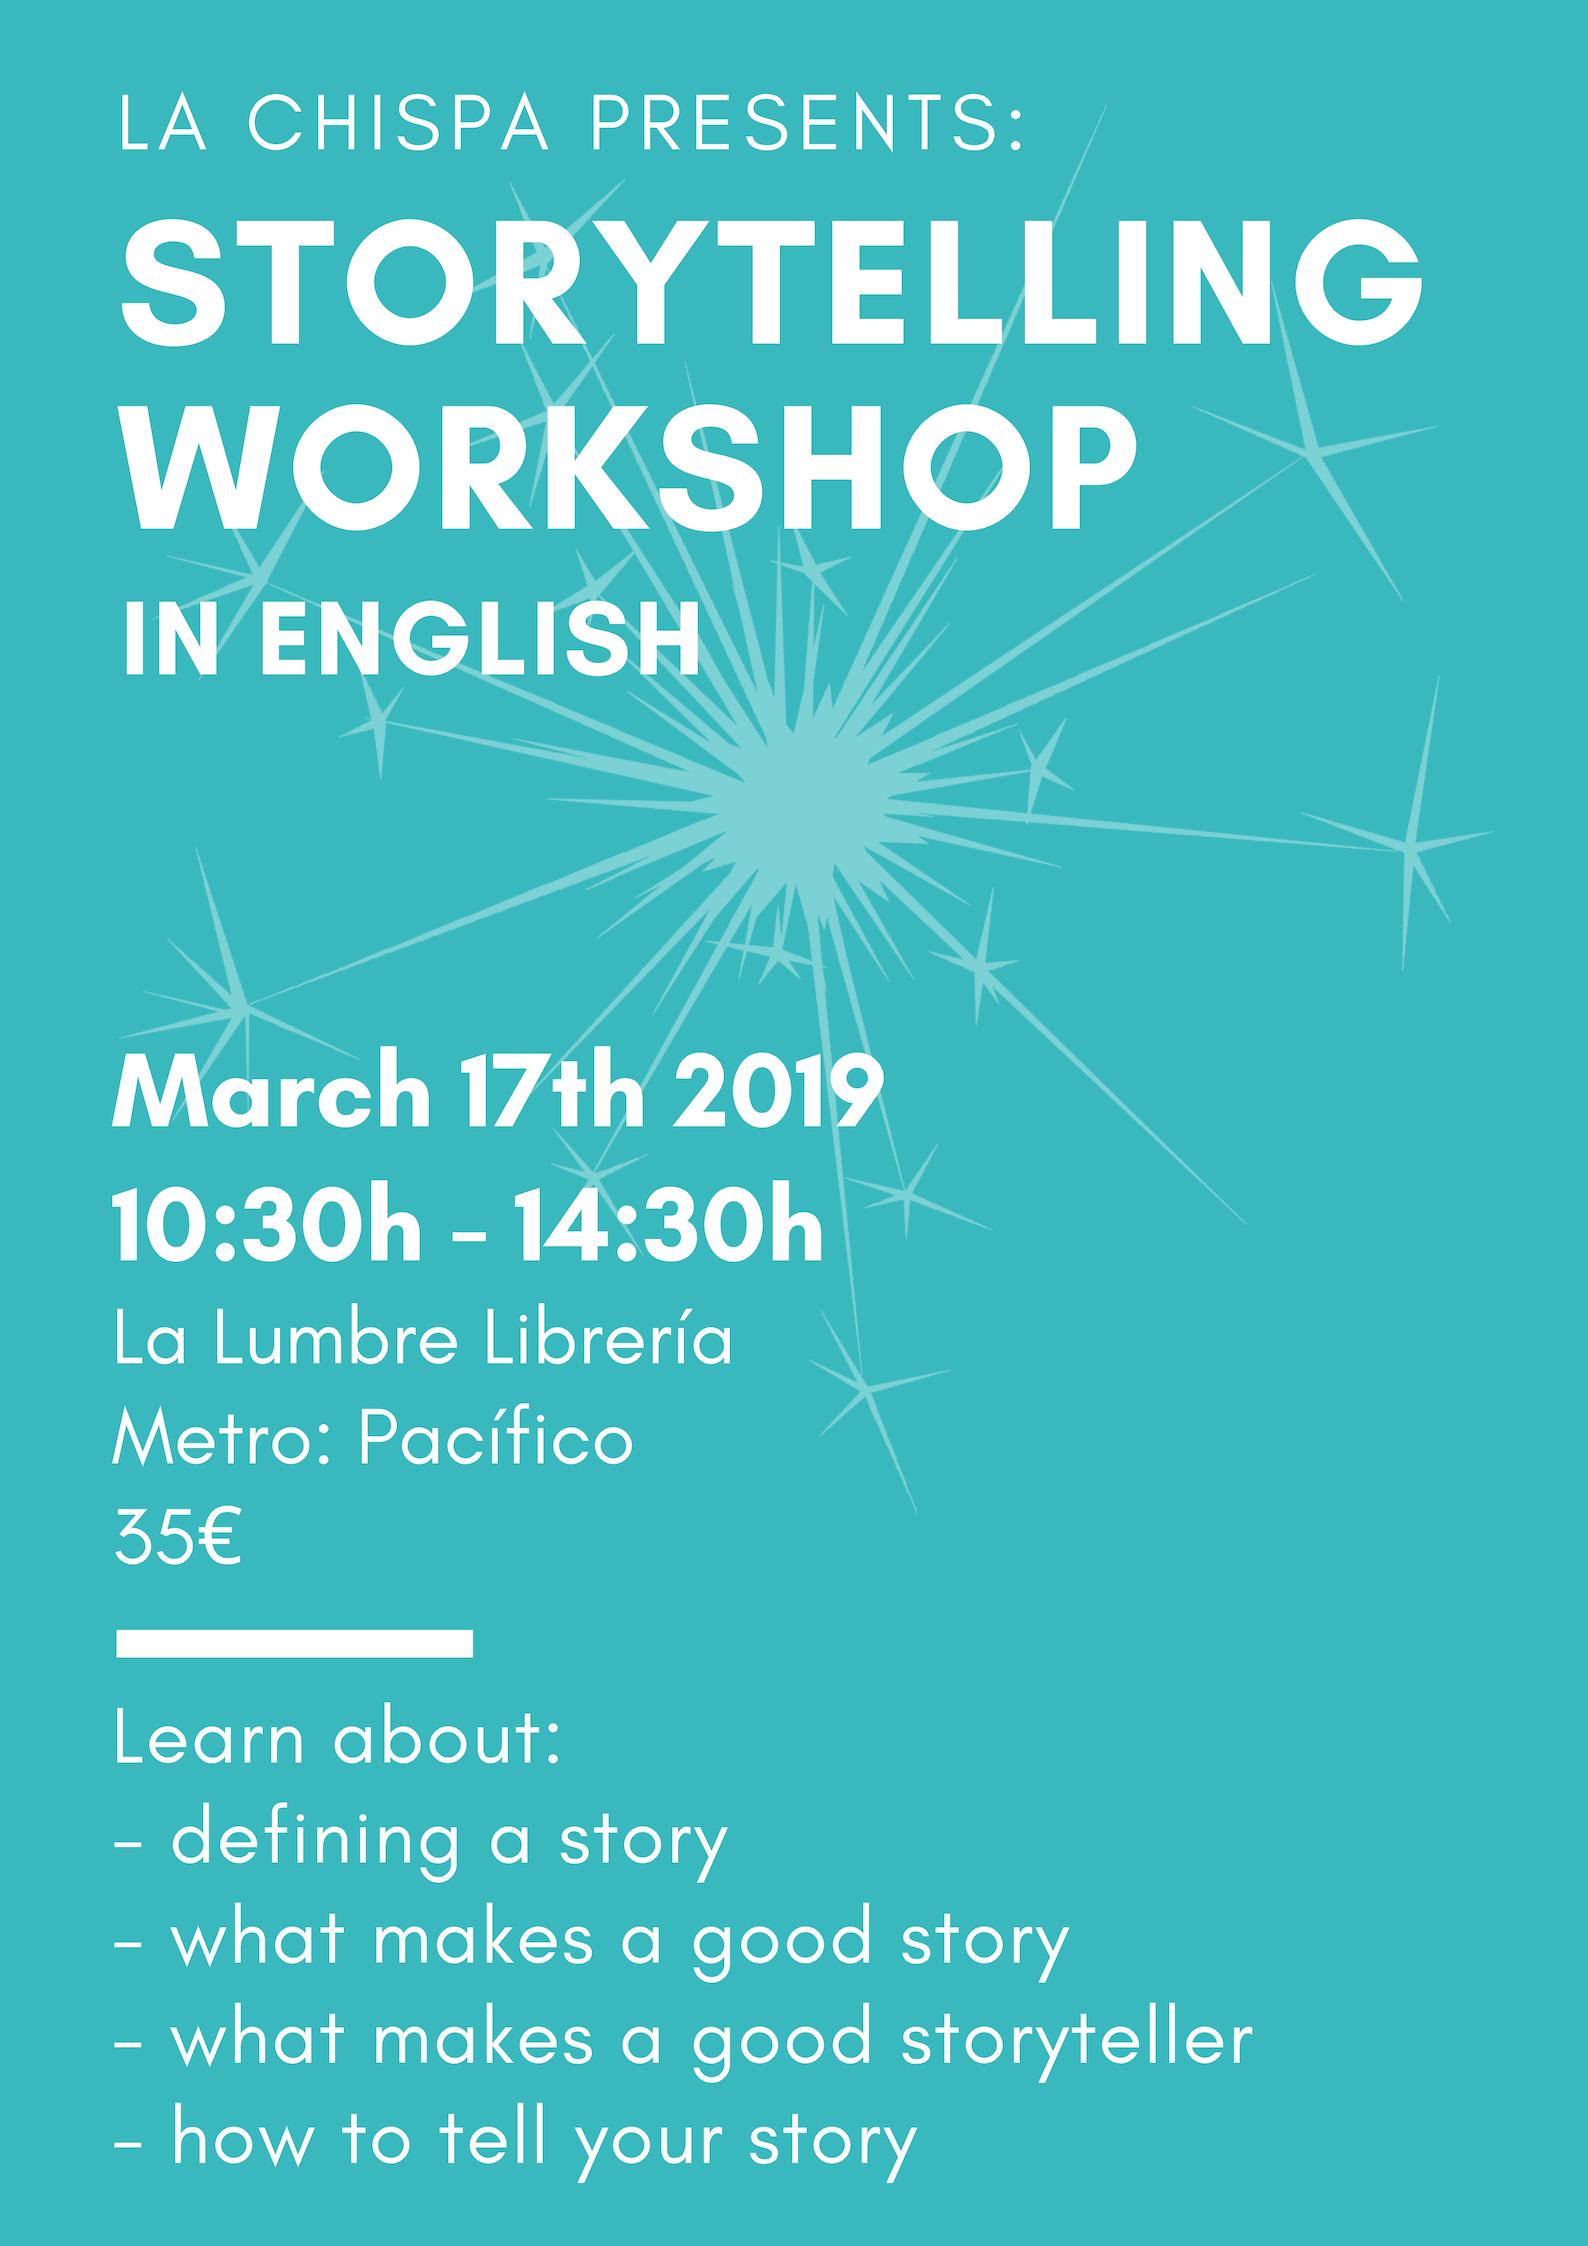 Storytelling Workshop Flyer Website.png